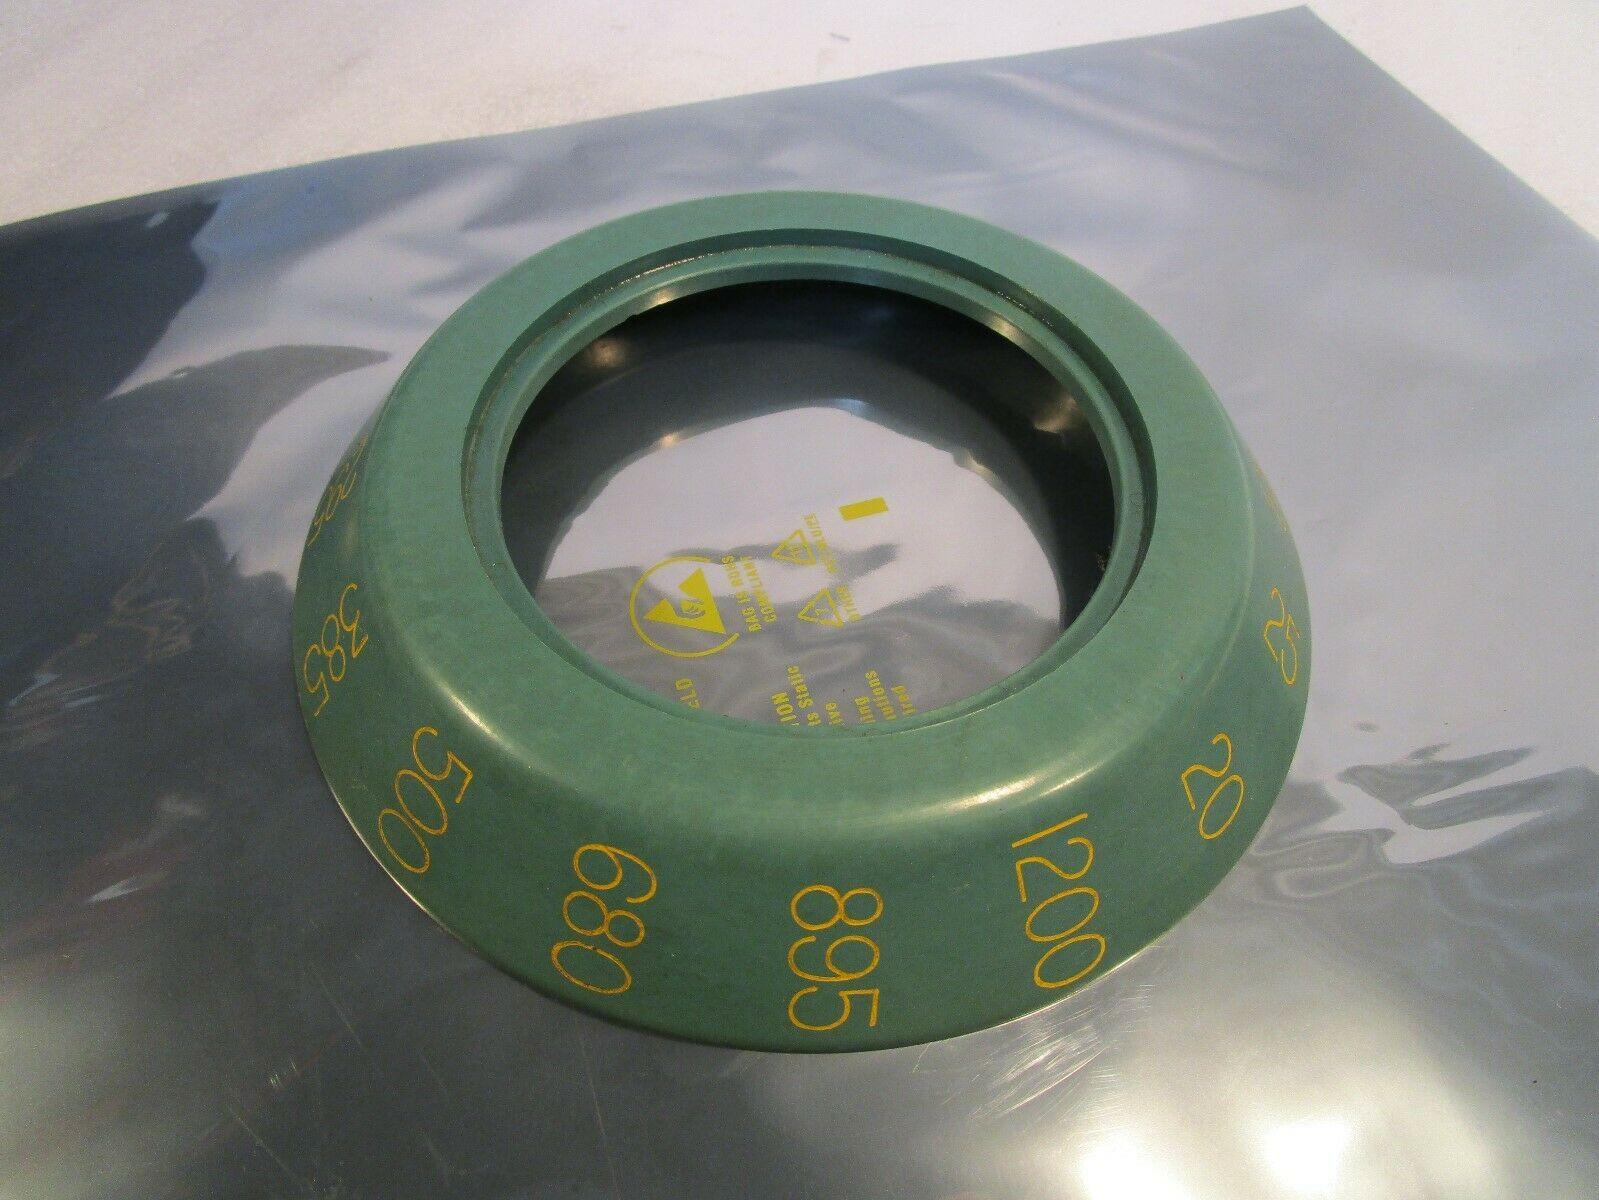 Cincinnati Dial Type Milling Machine Spindle RPM Indicator Dial Speed Indicator Dial 20-1200 RPM